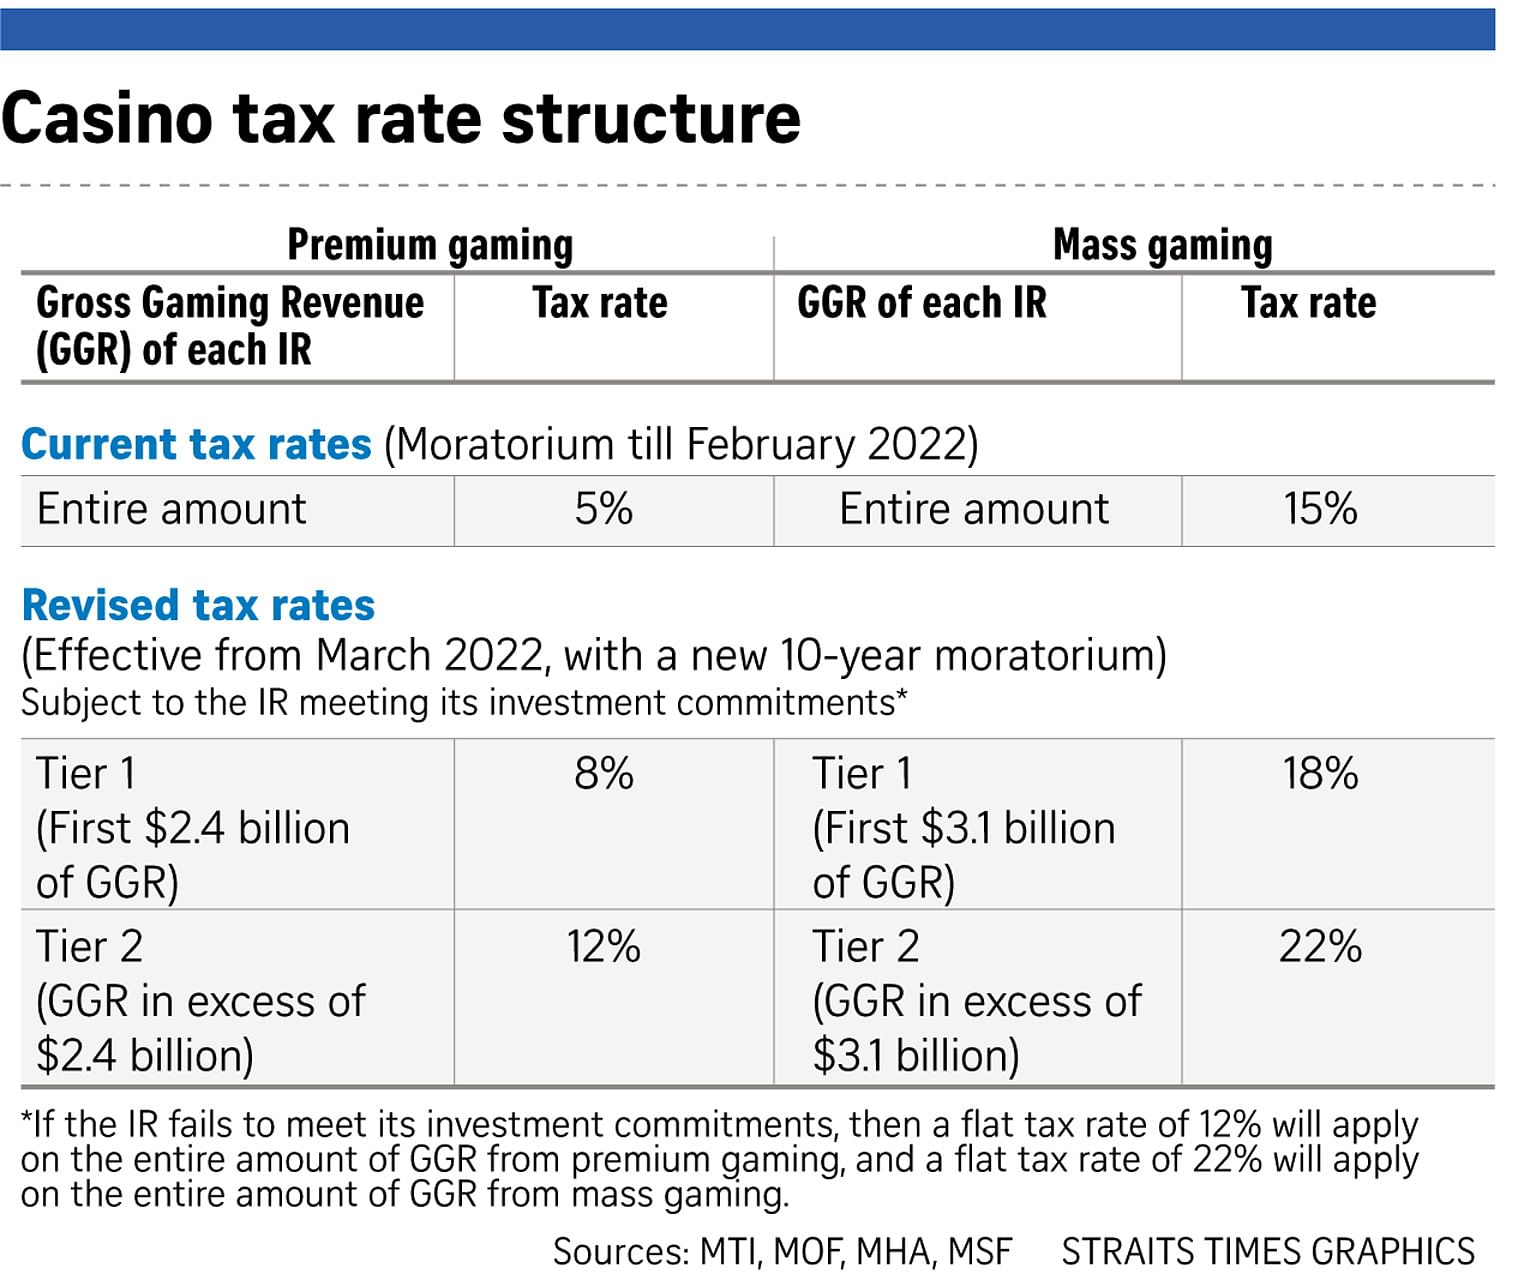 Casino tax rates capay valley casino